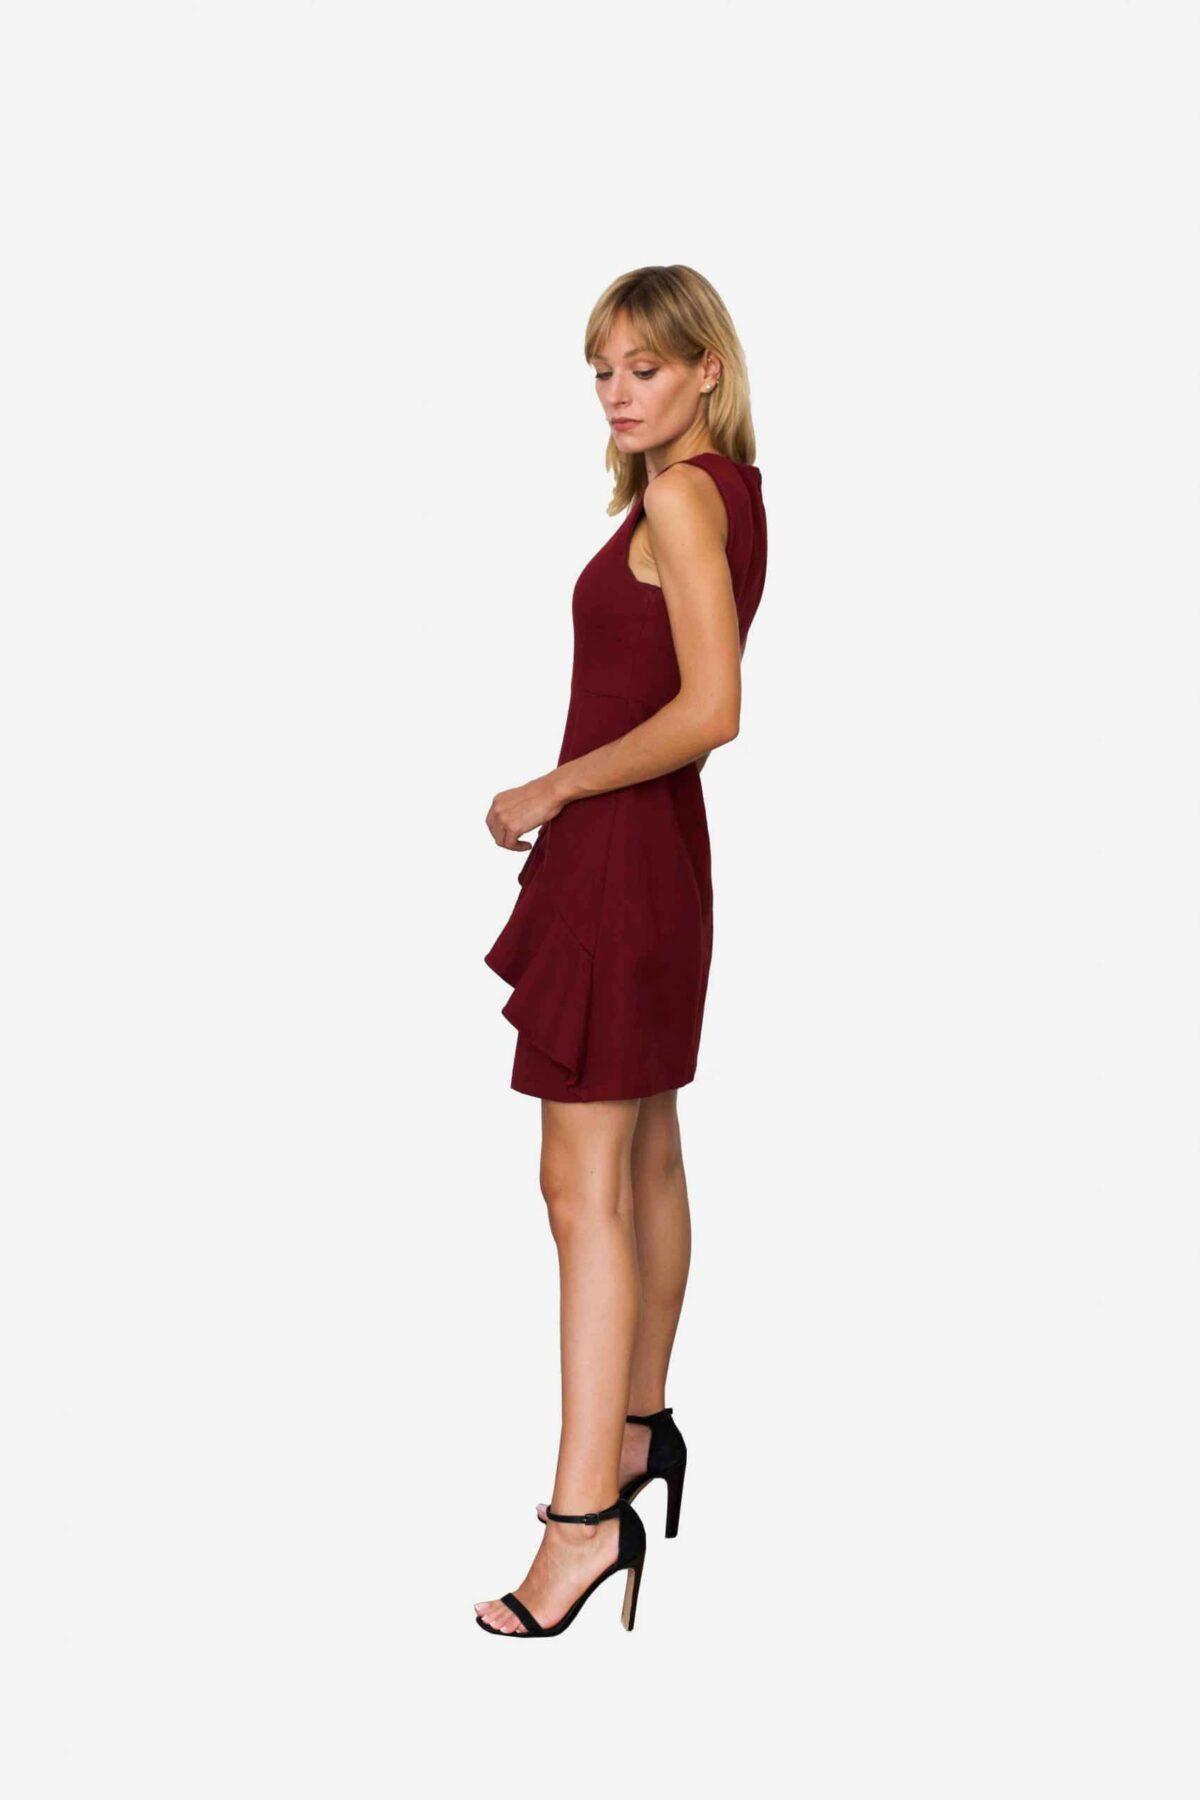 Kleid Nannette von SANOGE. Elegantes Etuikleid in weinrot mit Volant. Ärmellos. Slim Fit.